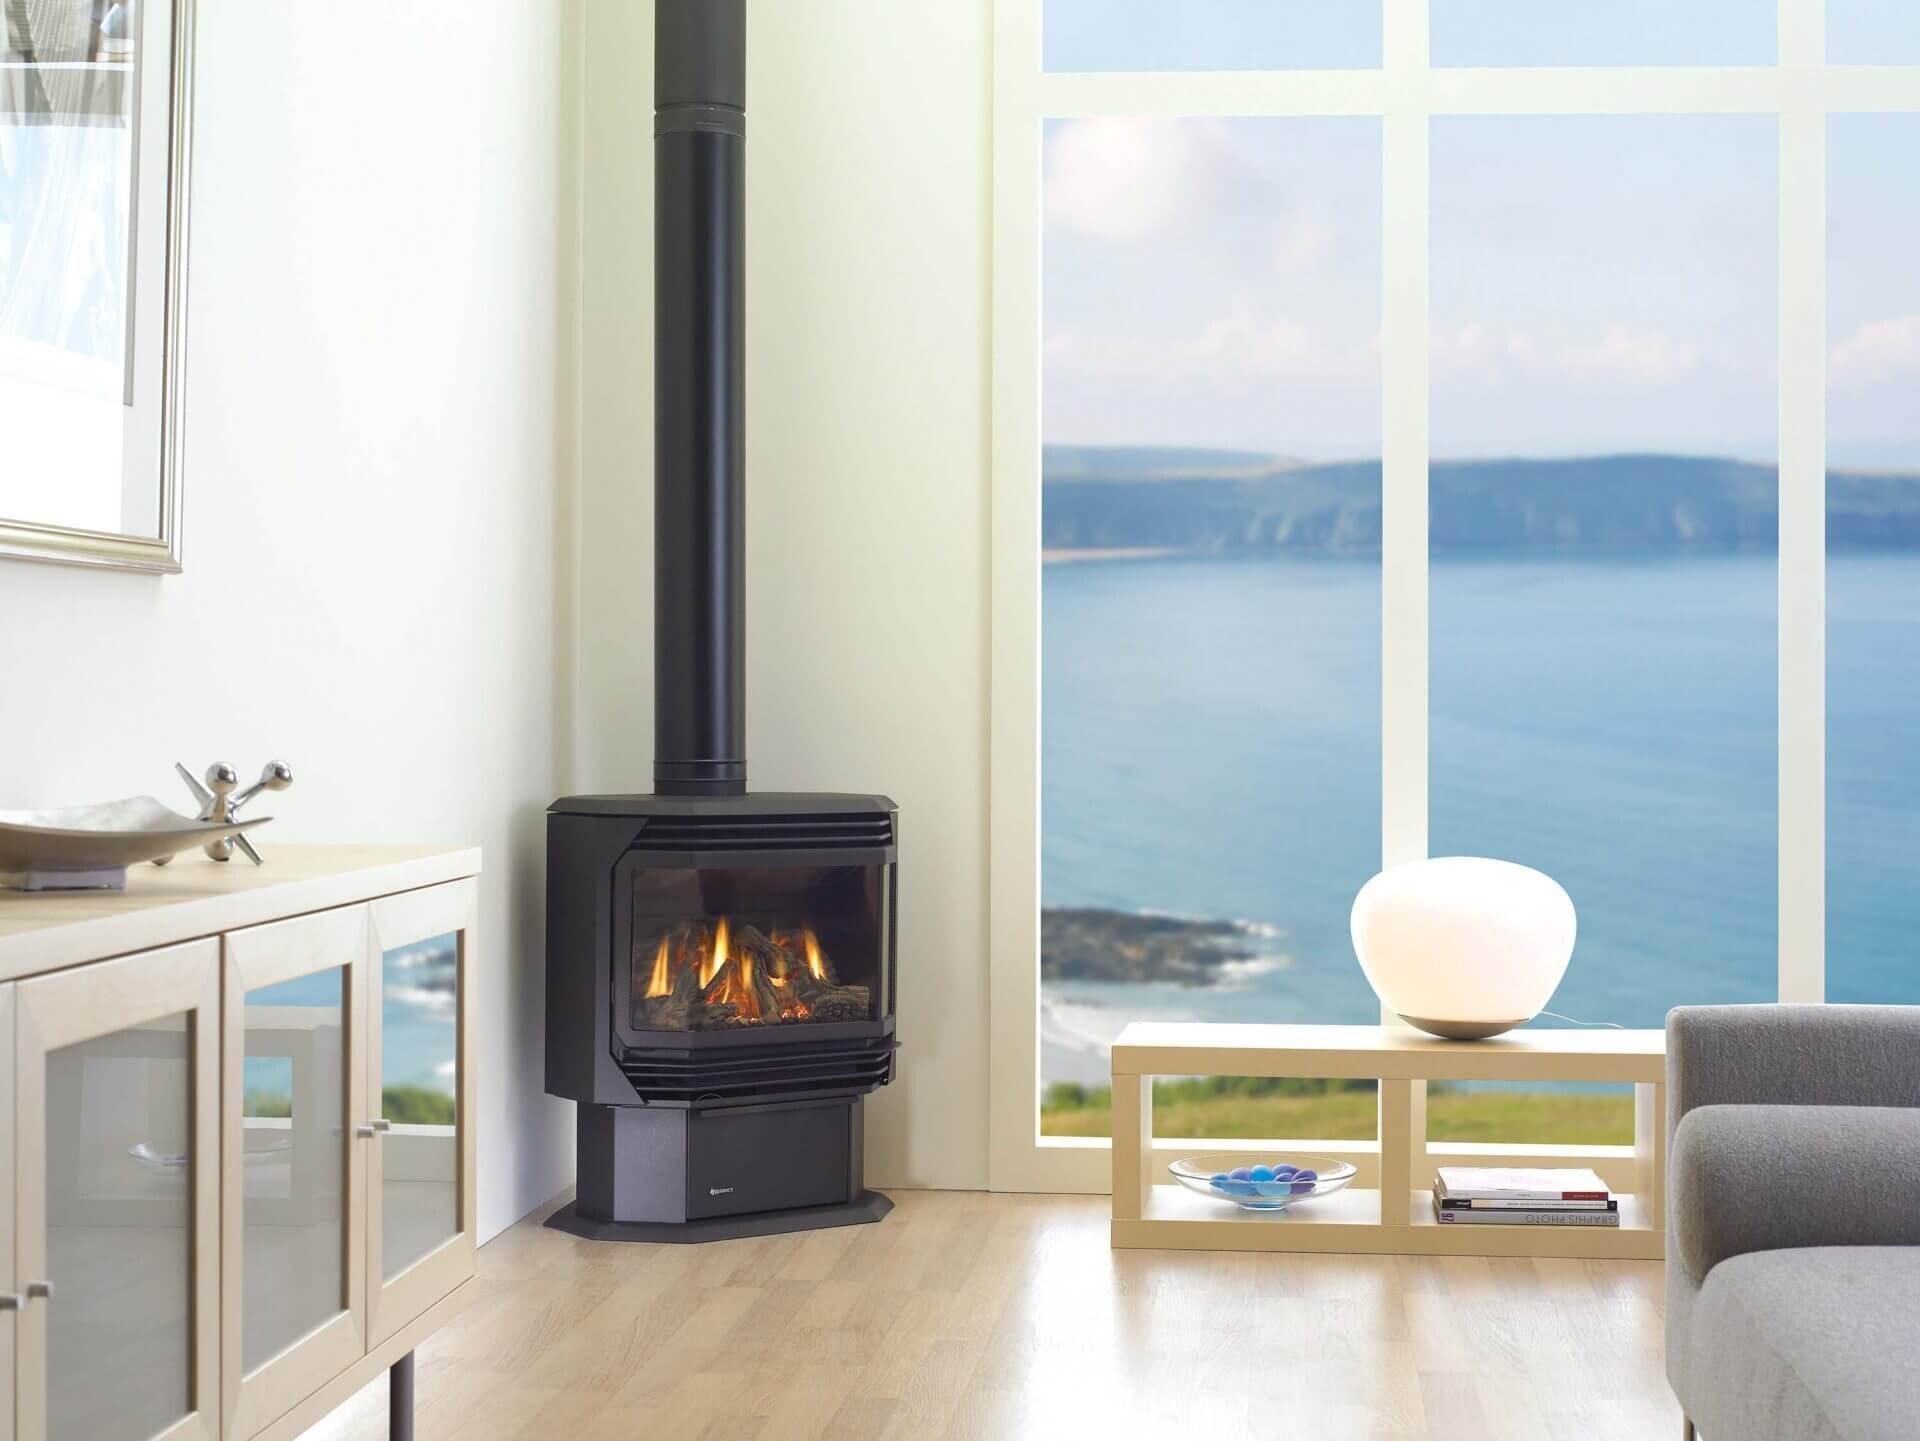 Gas Propane Fireplaces Regency Fireplaces Muskoka Ontario Tasso Lake